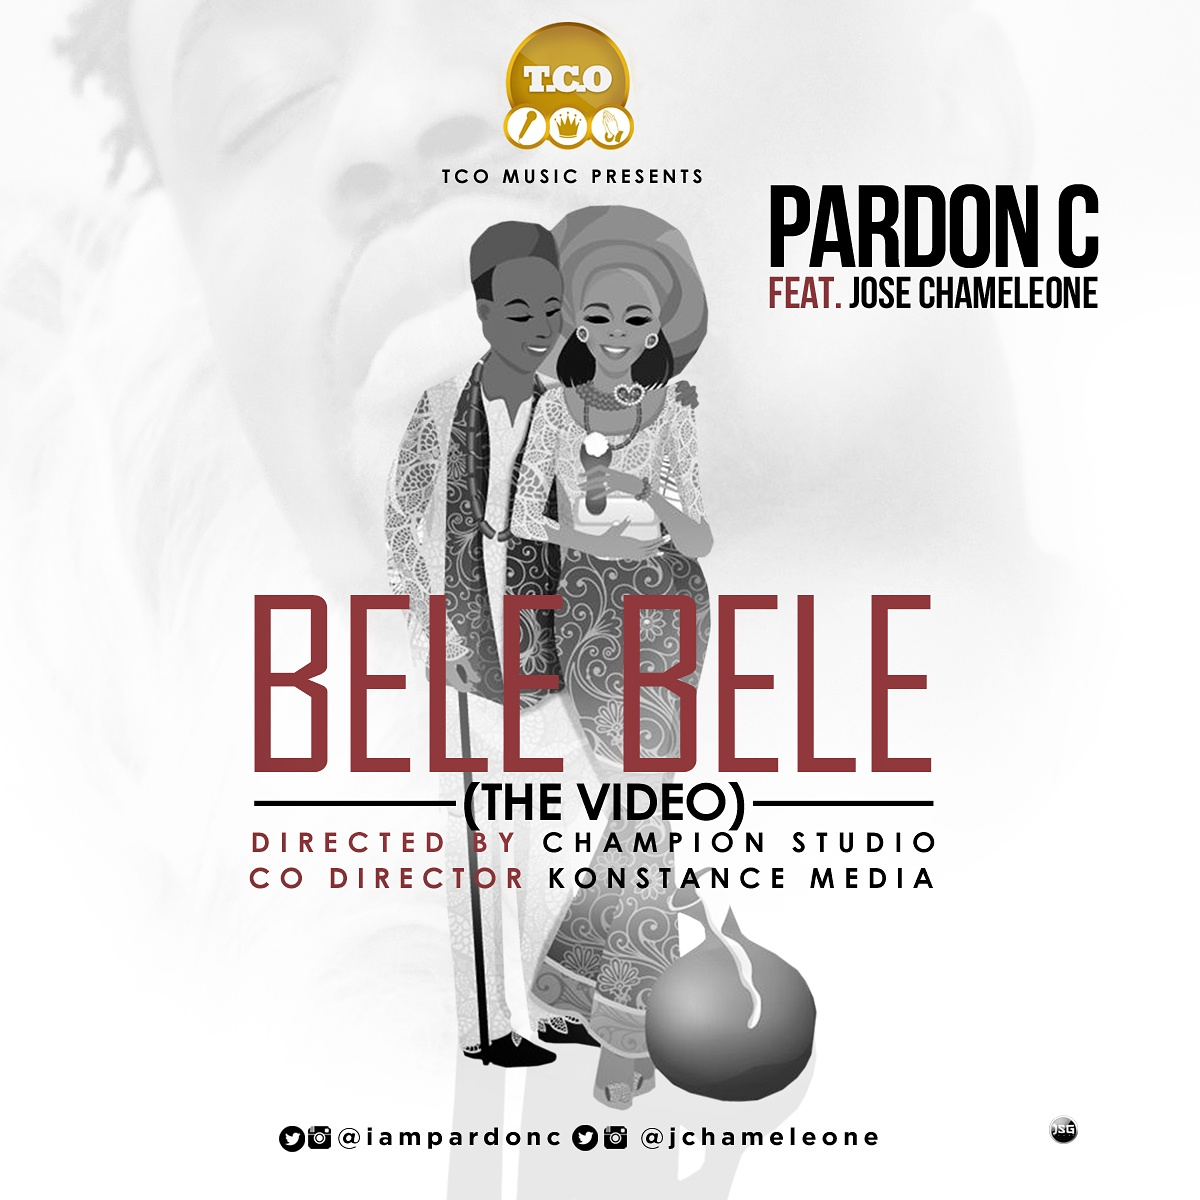 VIDEO: Pardon C – Bele Bele